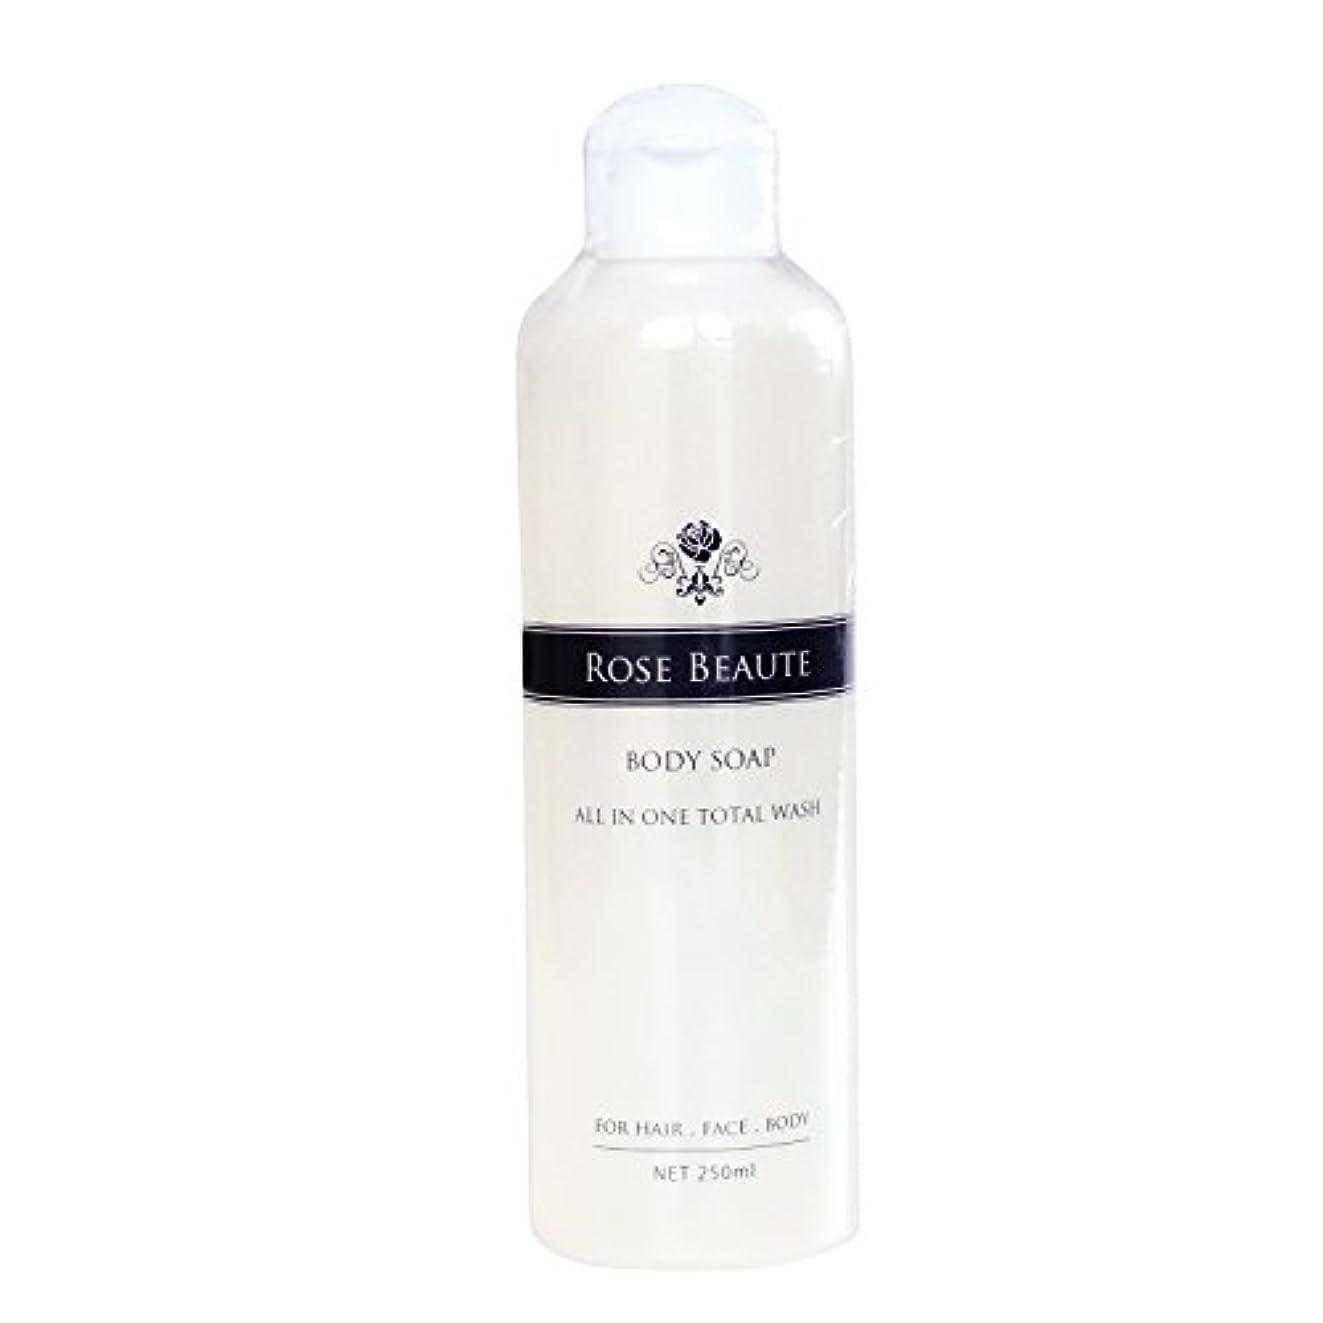 研磨剤に応じて約Rose Beaute(ロサボーテ) 無添加 ノンシリコン ボディーソープ (髪?顔?からだ用) ボトル 250ml 全身シャンプー 日本製